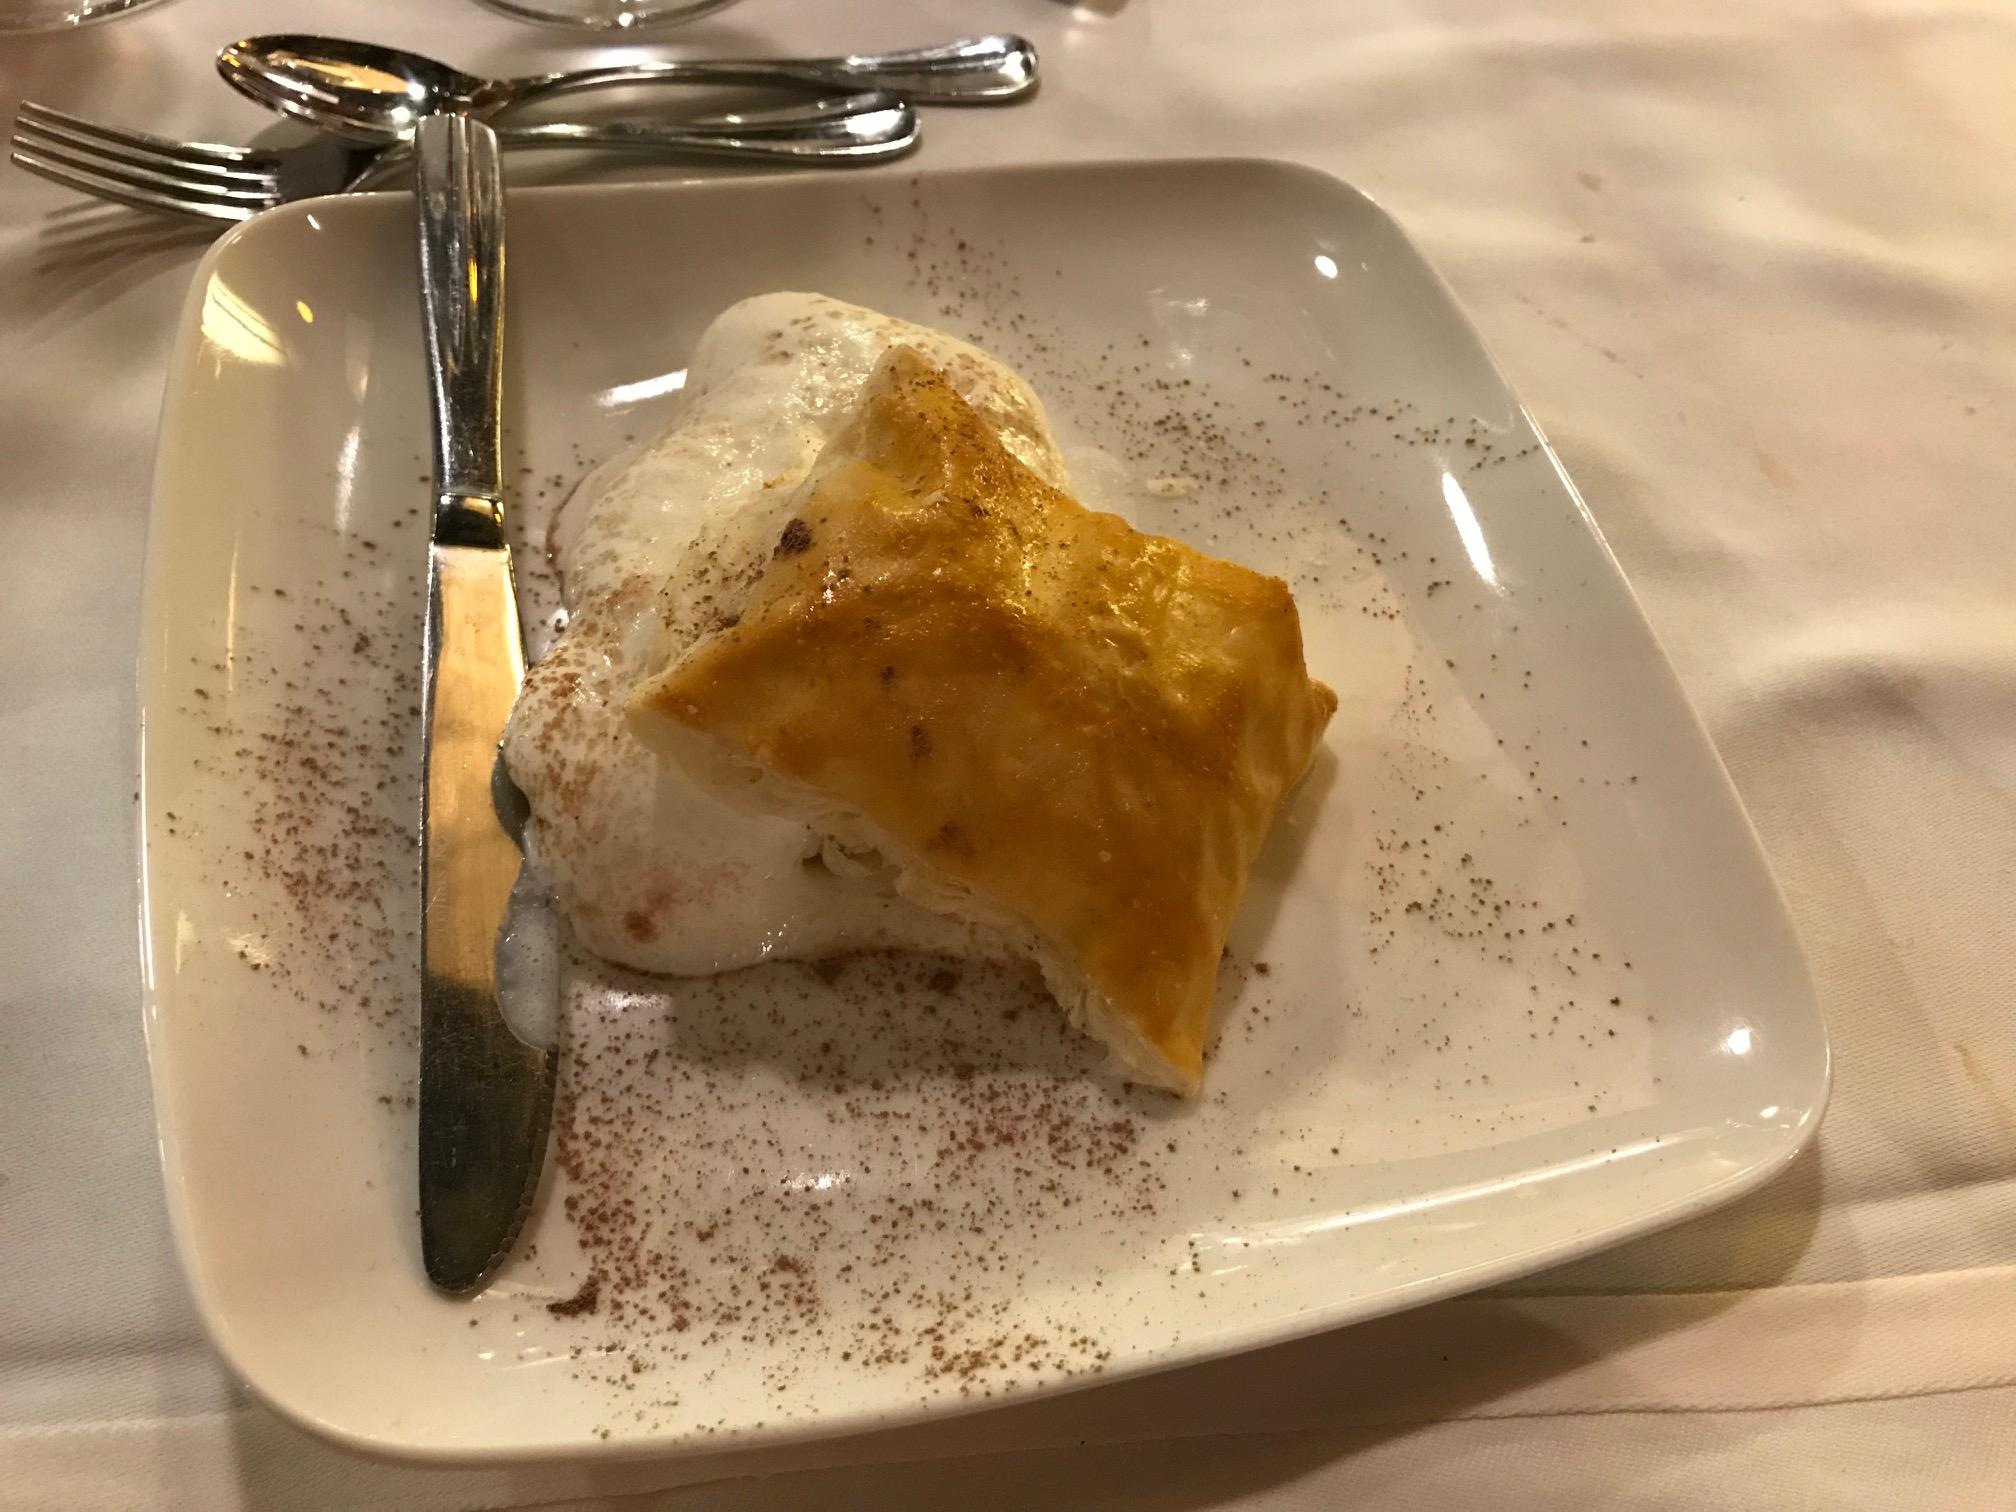 Restaurante El Boj (Hotel Santa Cristina) Hojaldre de cahntilly para chuparse los dedos.